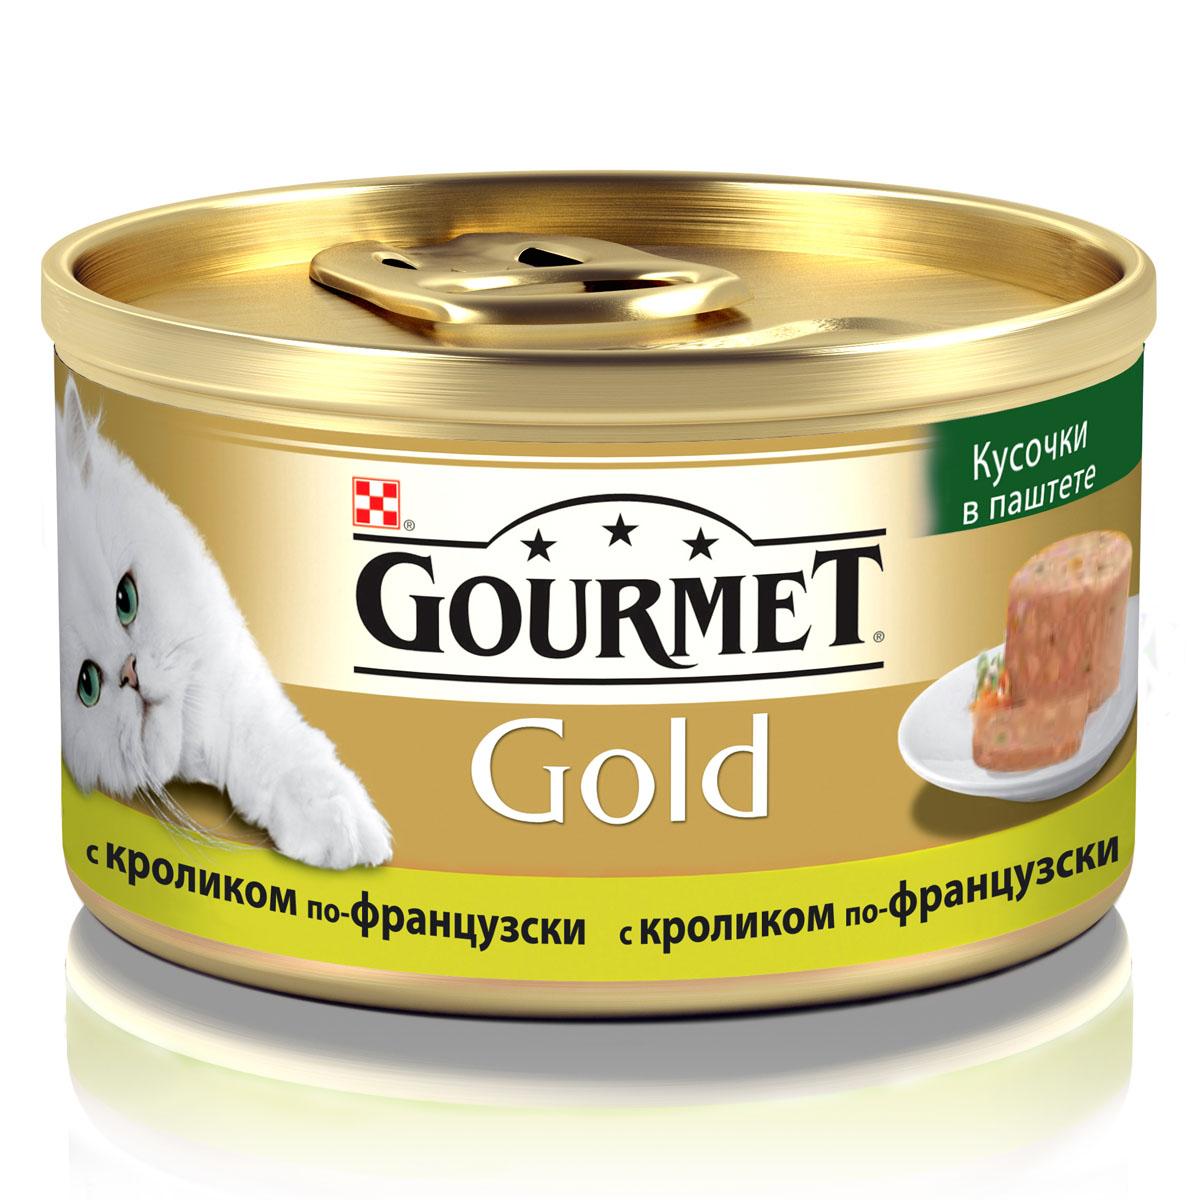 Консервы для кошек Gourmet Gold, кусочки в паштете с кроликом по-французски, 85 г корм для кошек gourmet gold паштет с кроликом 85 г